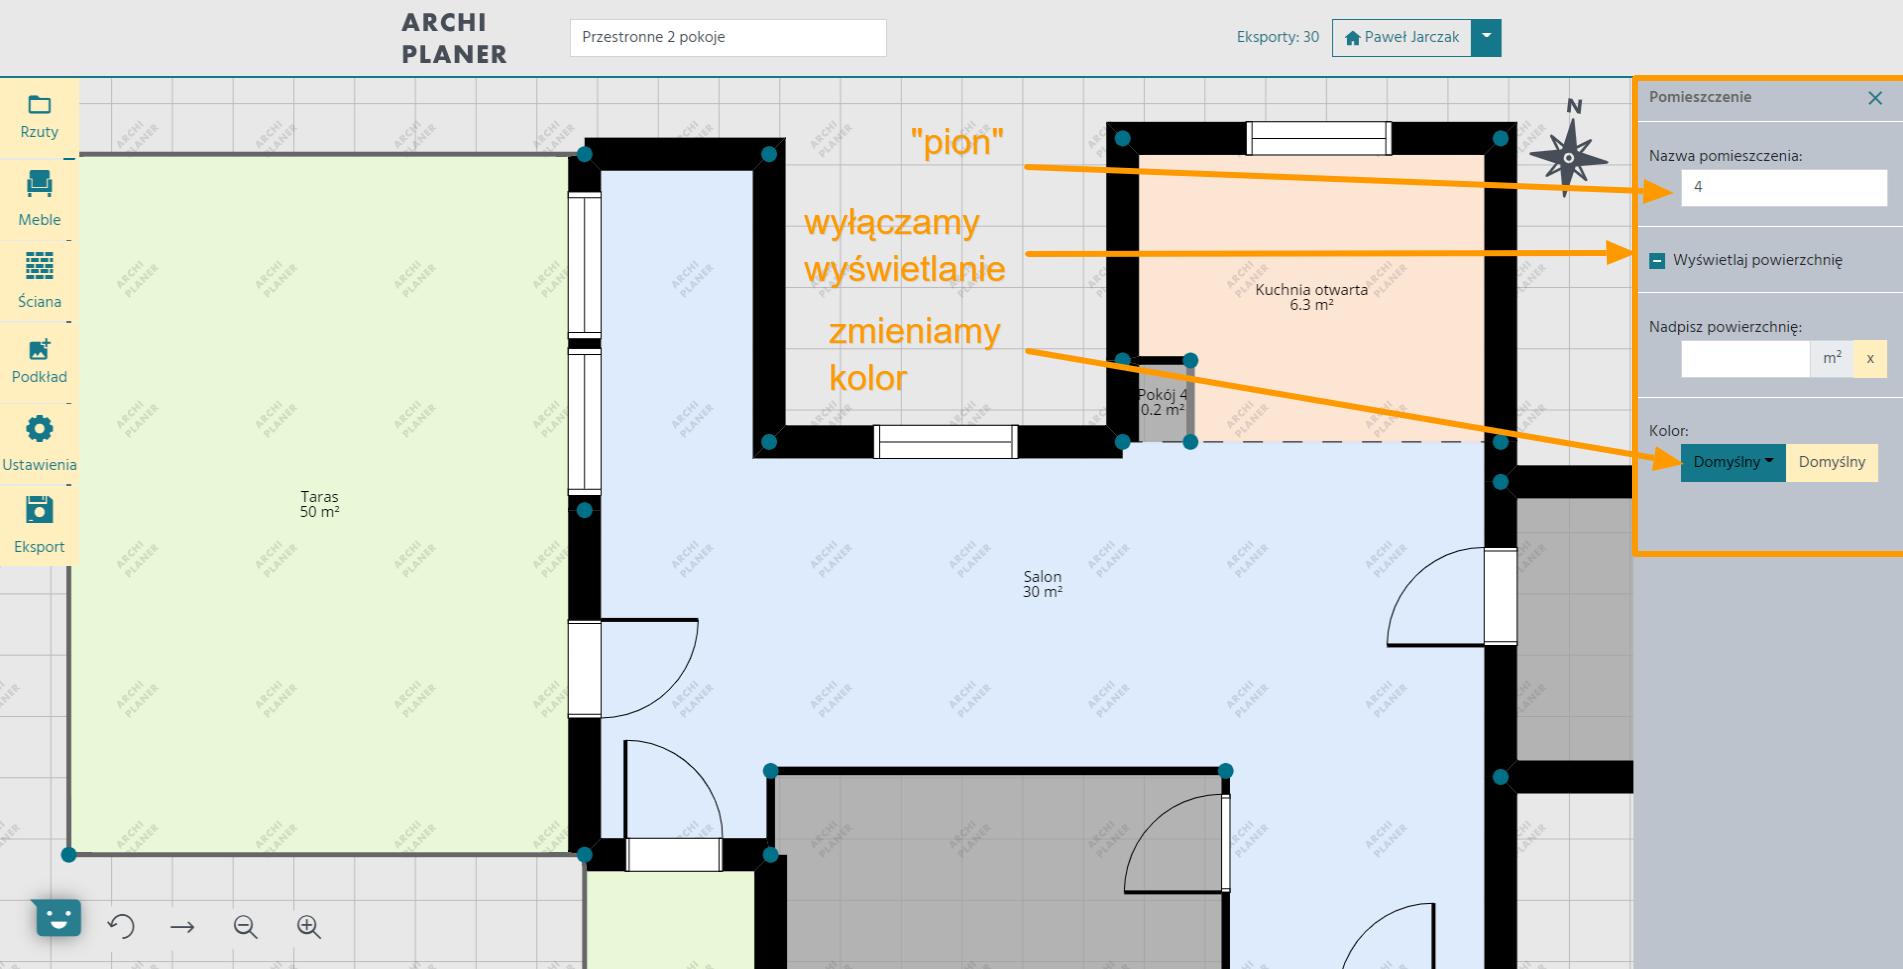 edycja ustawień pionu wentylacyjnego w programie do rzutów mieszkań